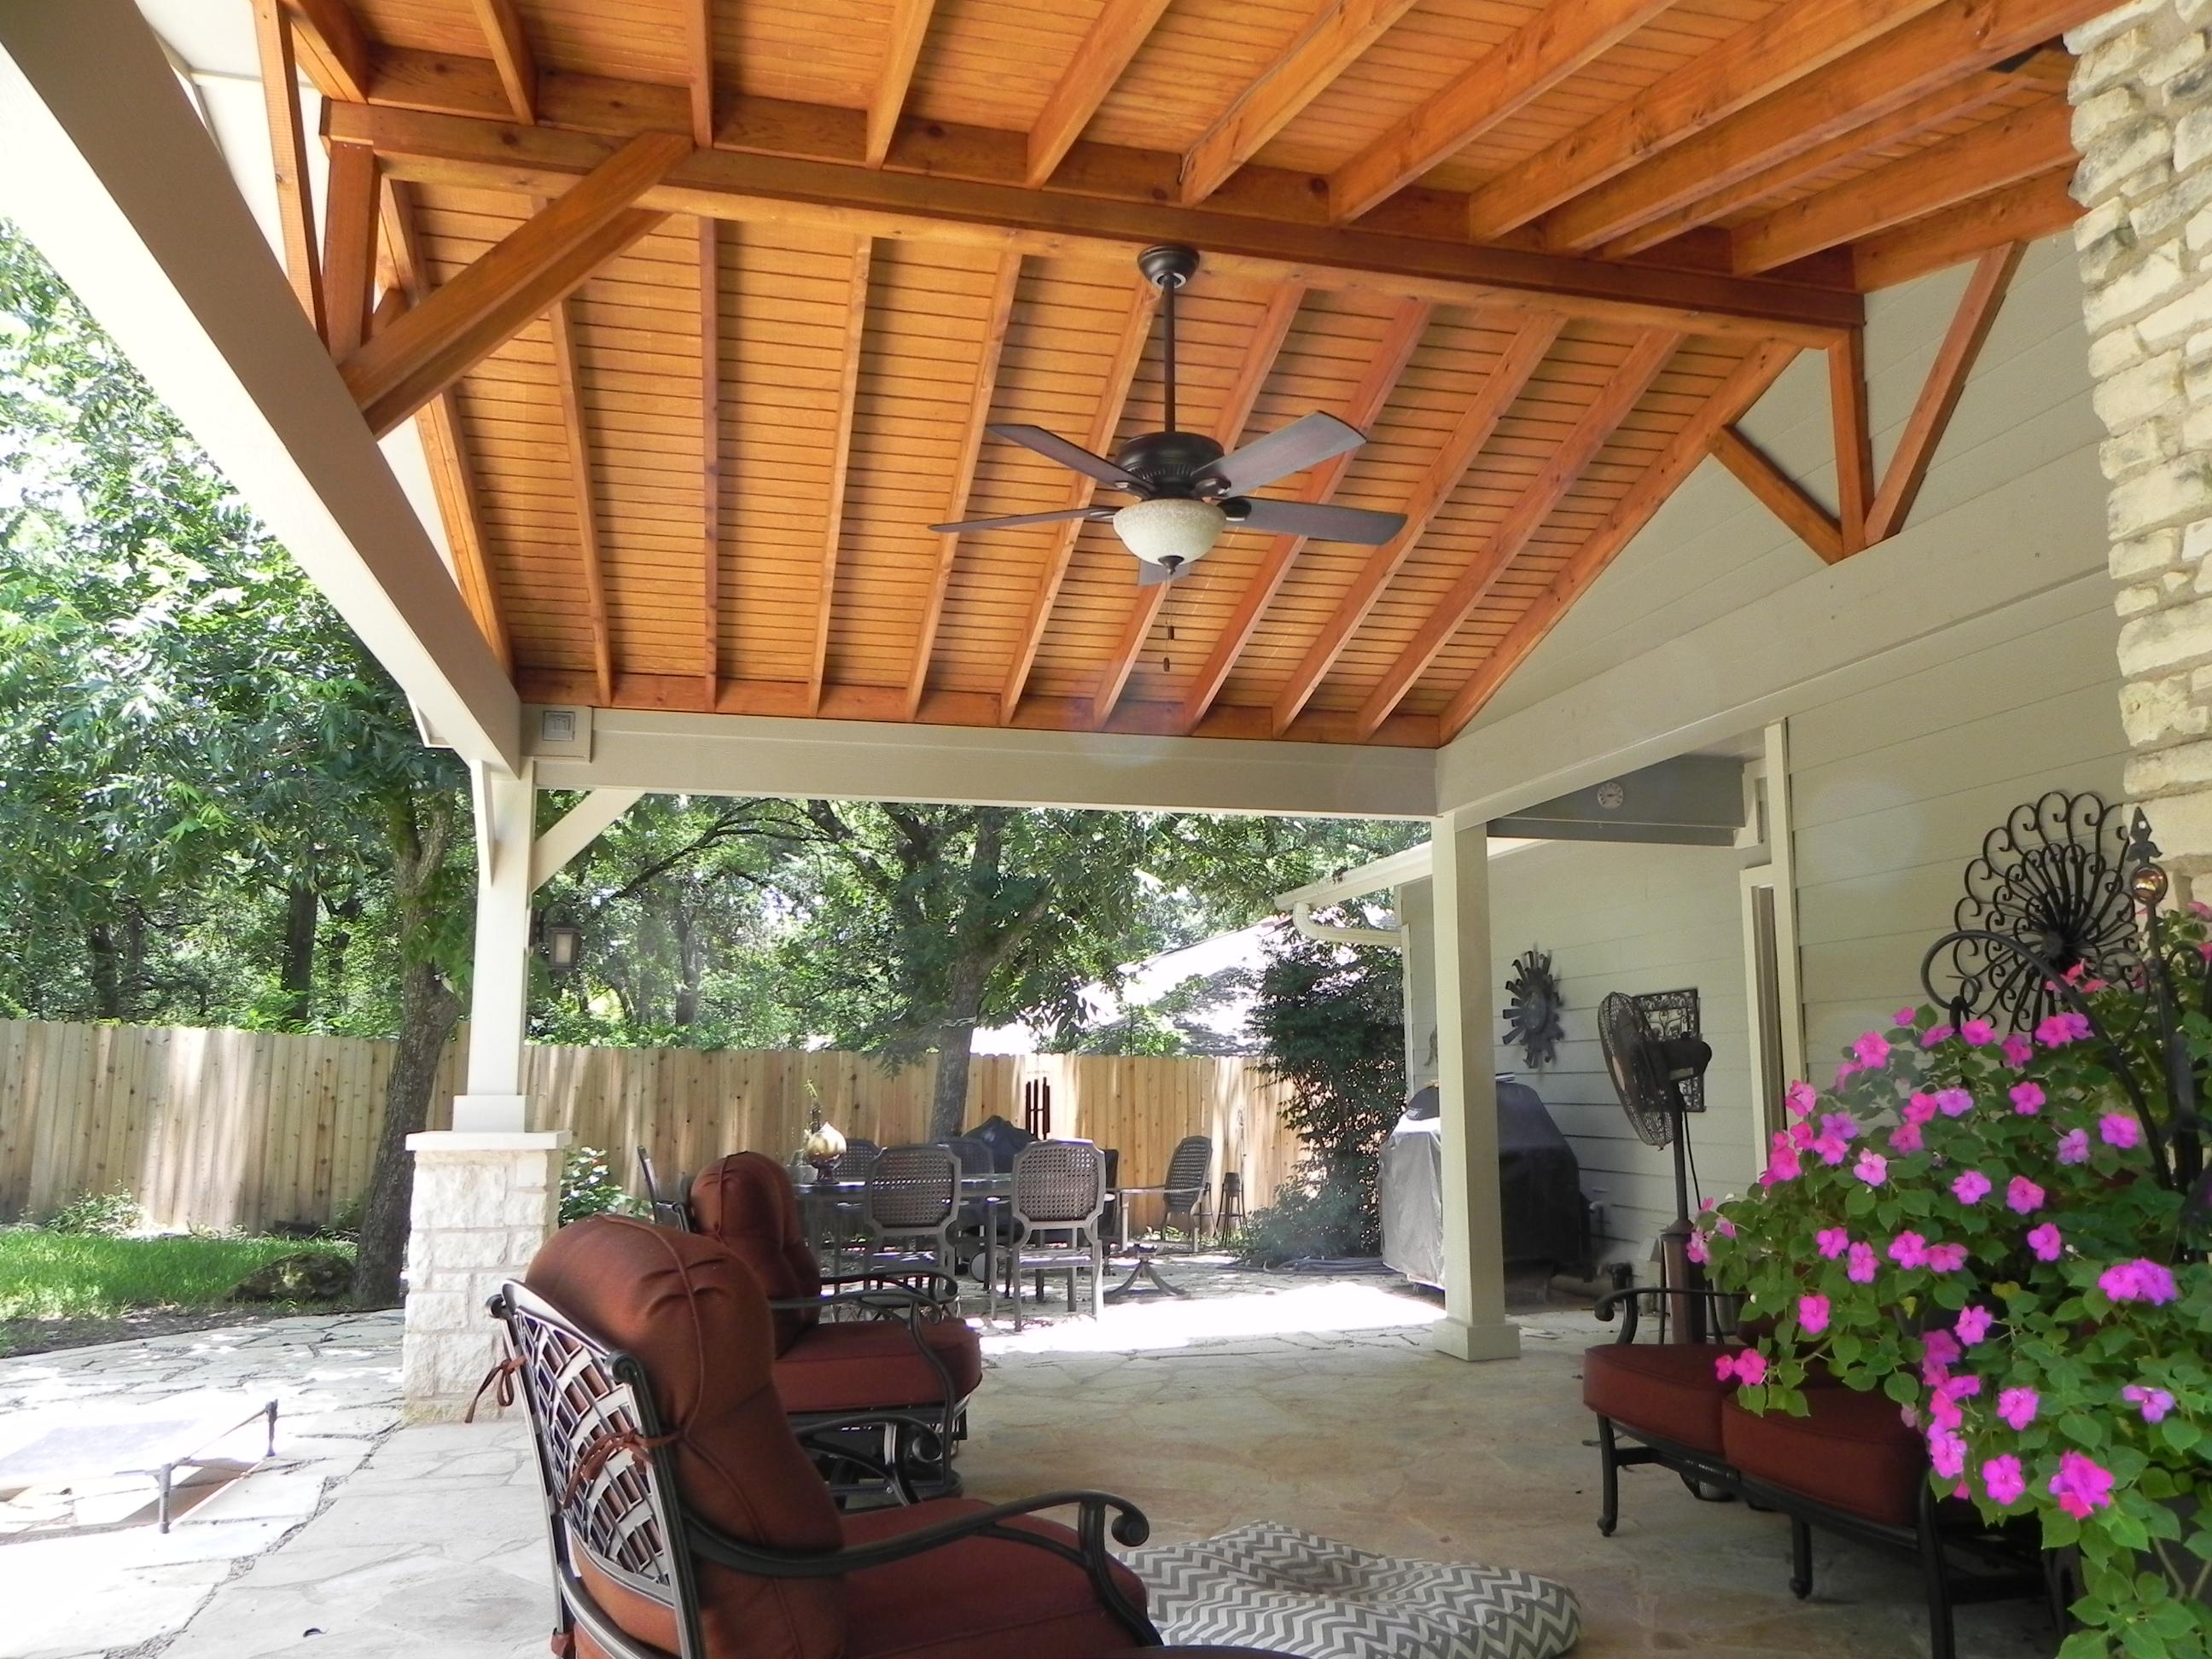 Austin Porch Builder